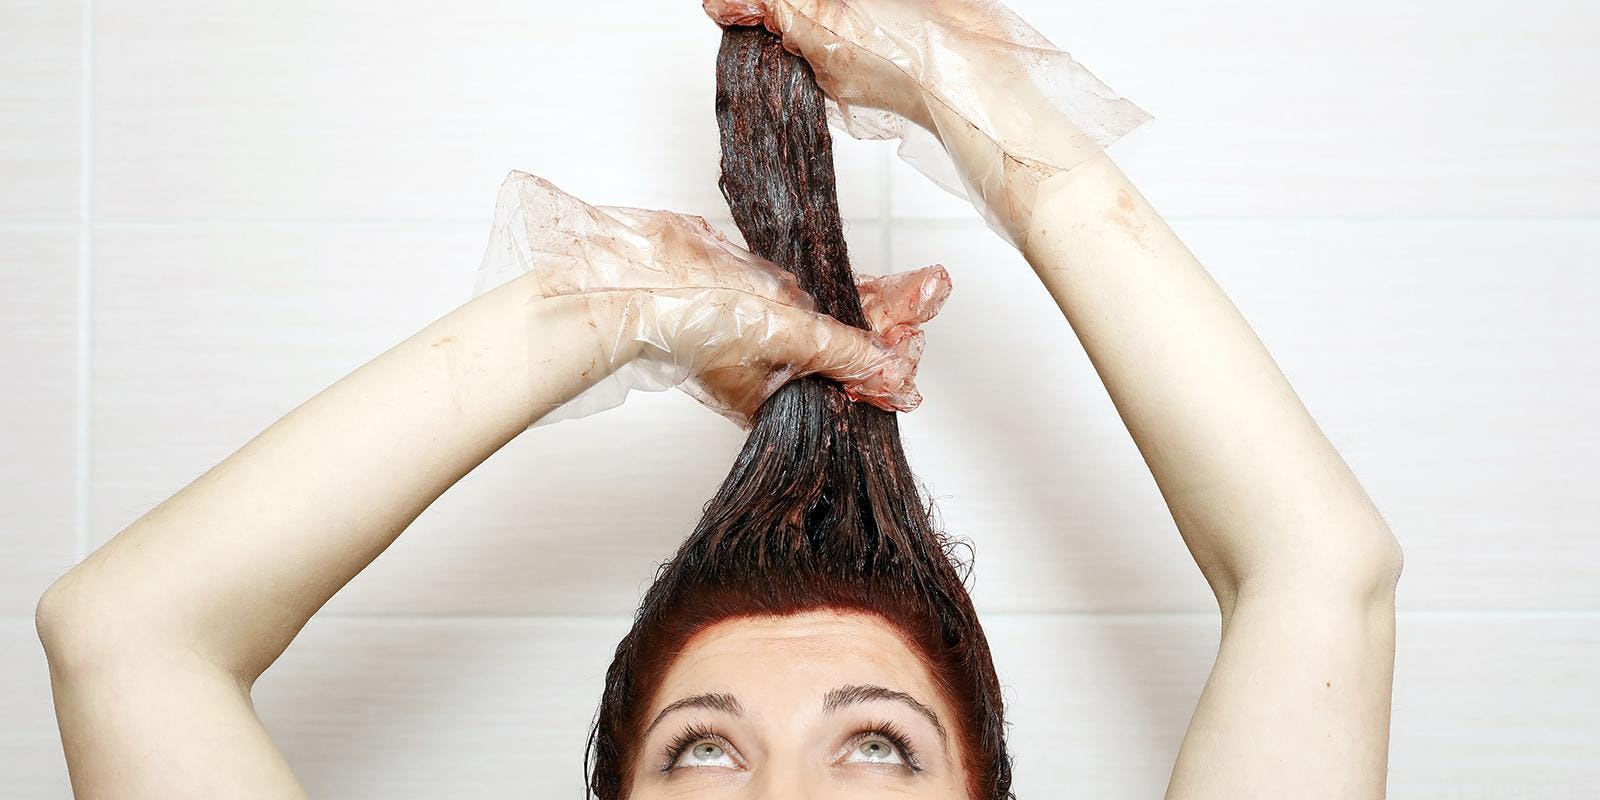 hair salon vs home hair color